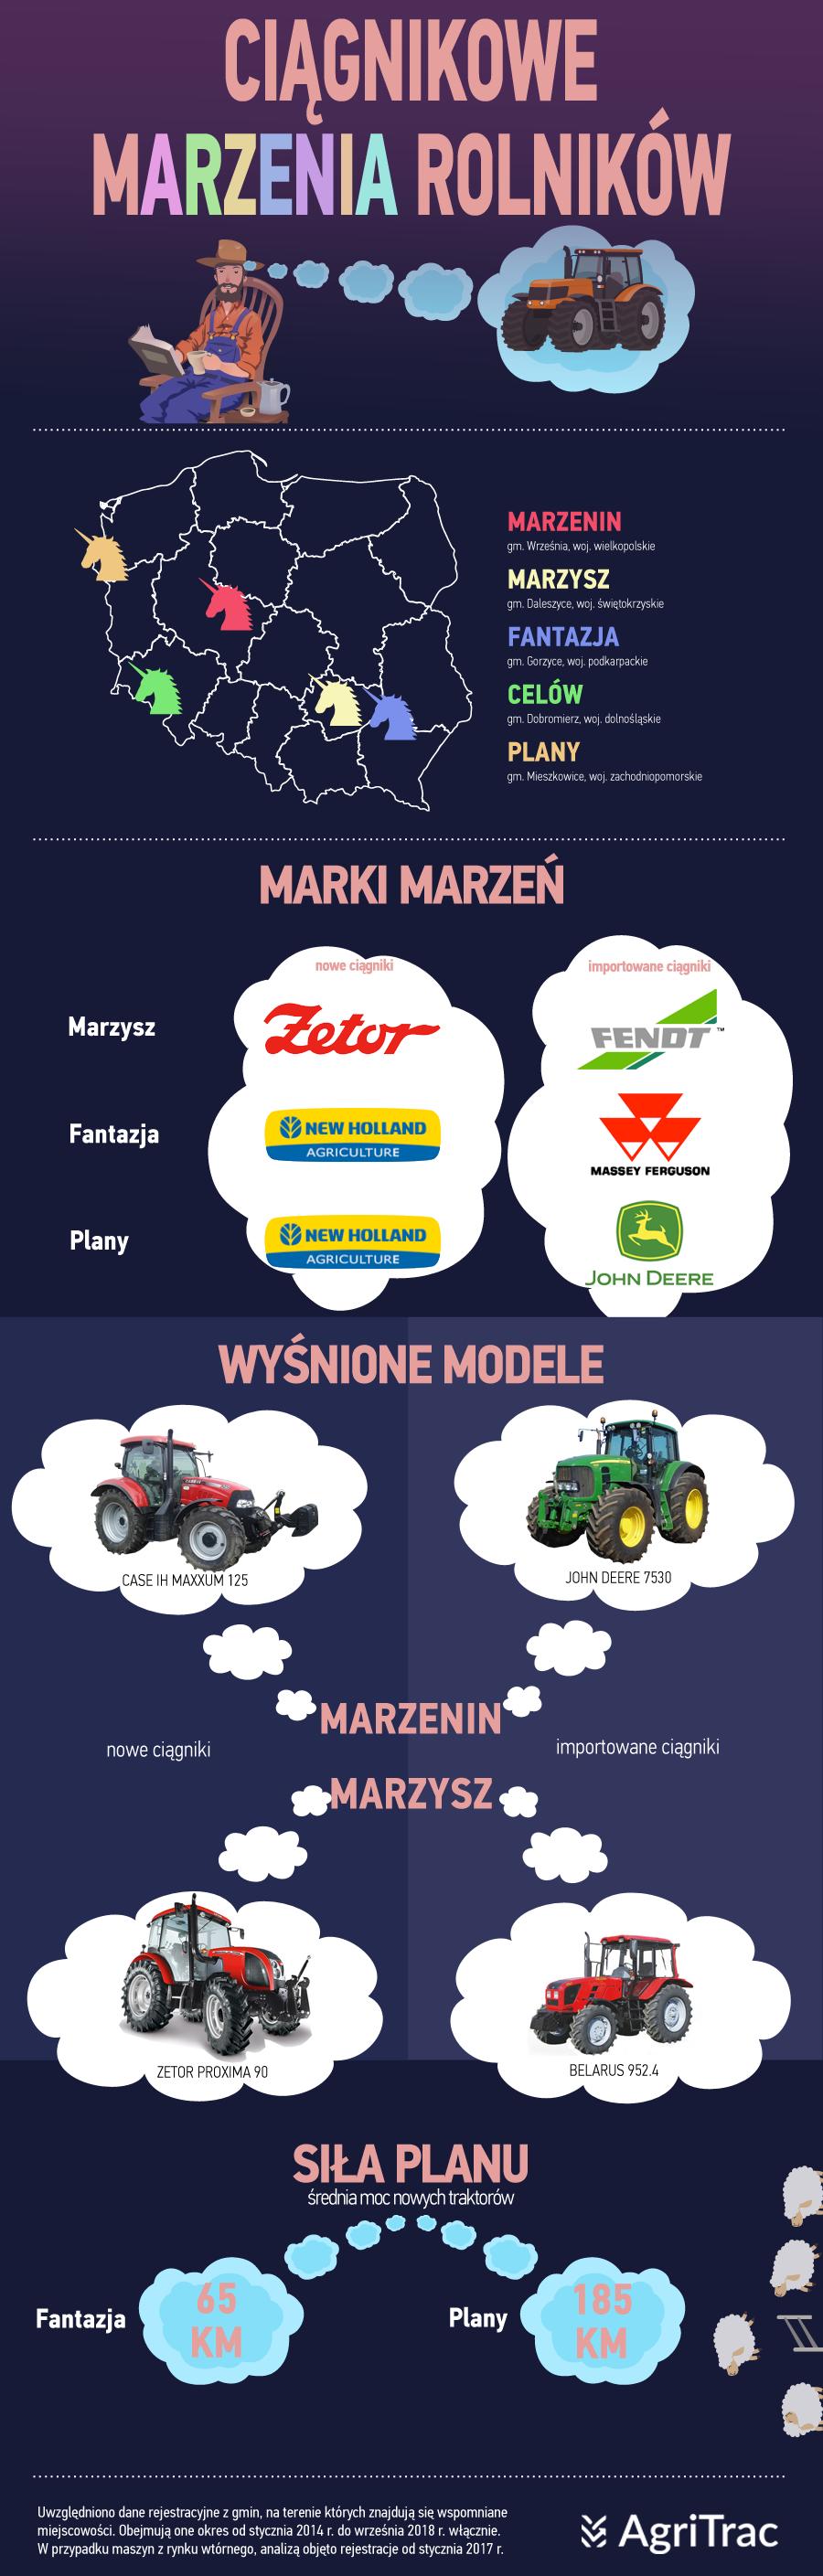 Ciągnikowe marzenia rolników